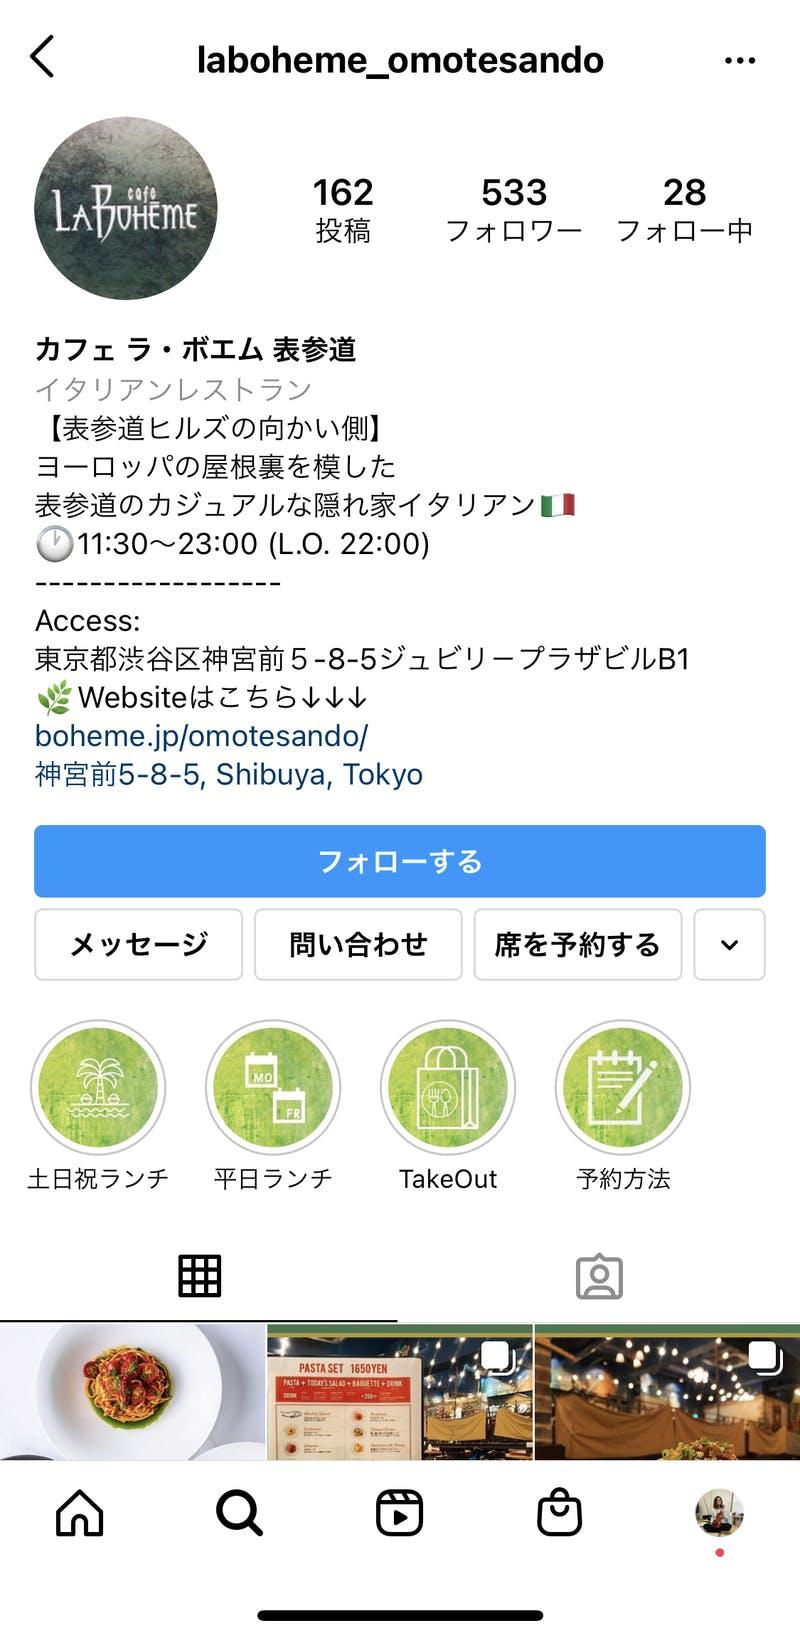 カフェラボエム表参道、Instagram公式アカウント